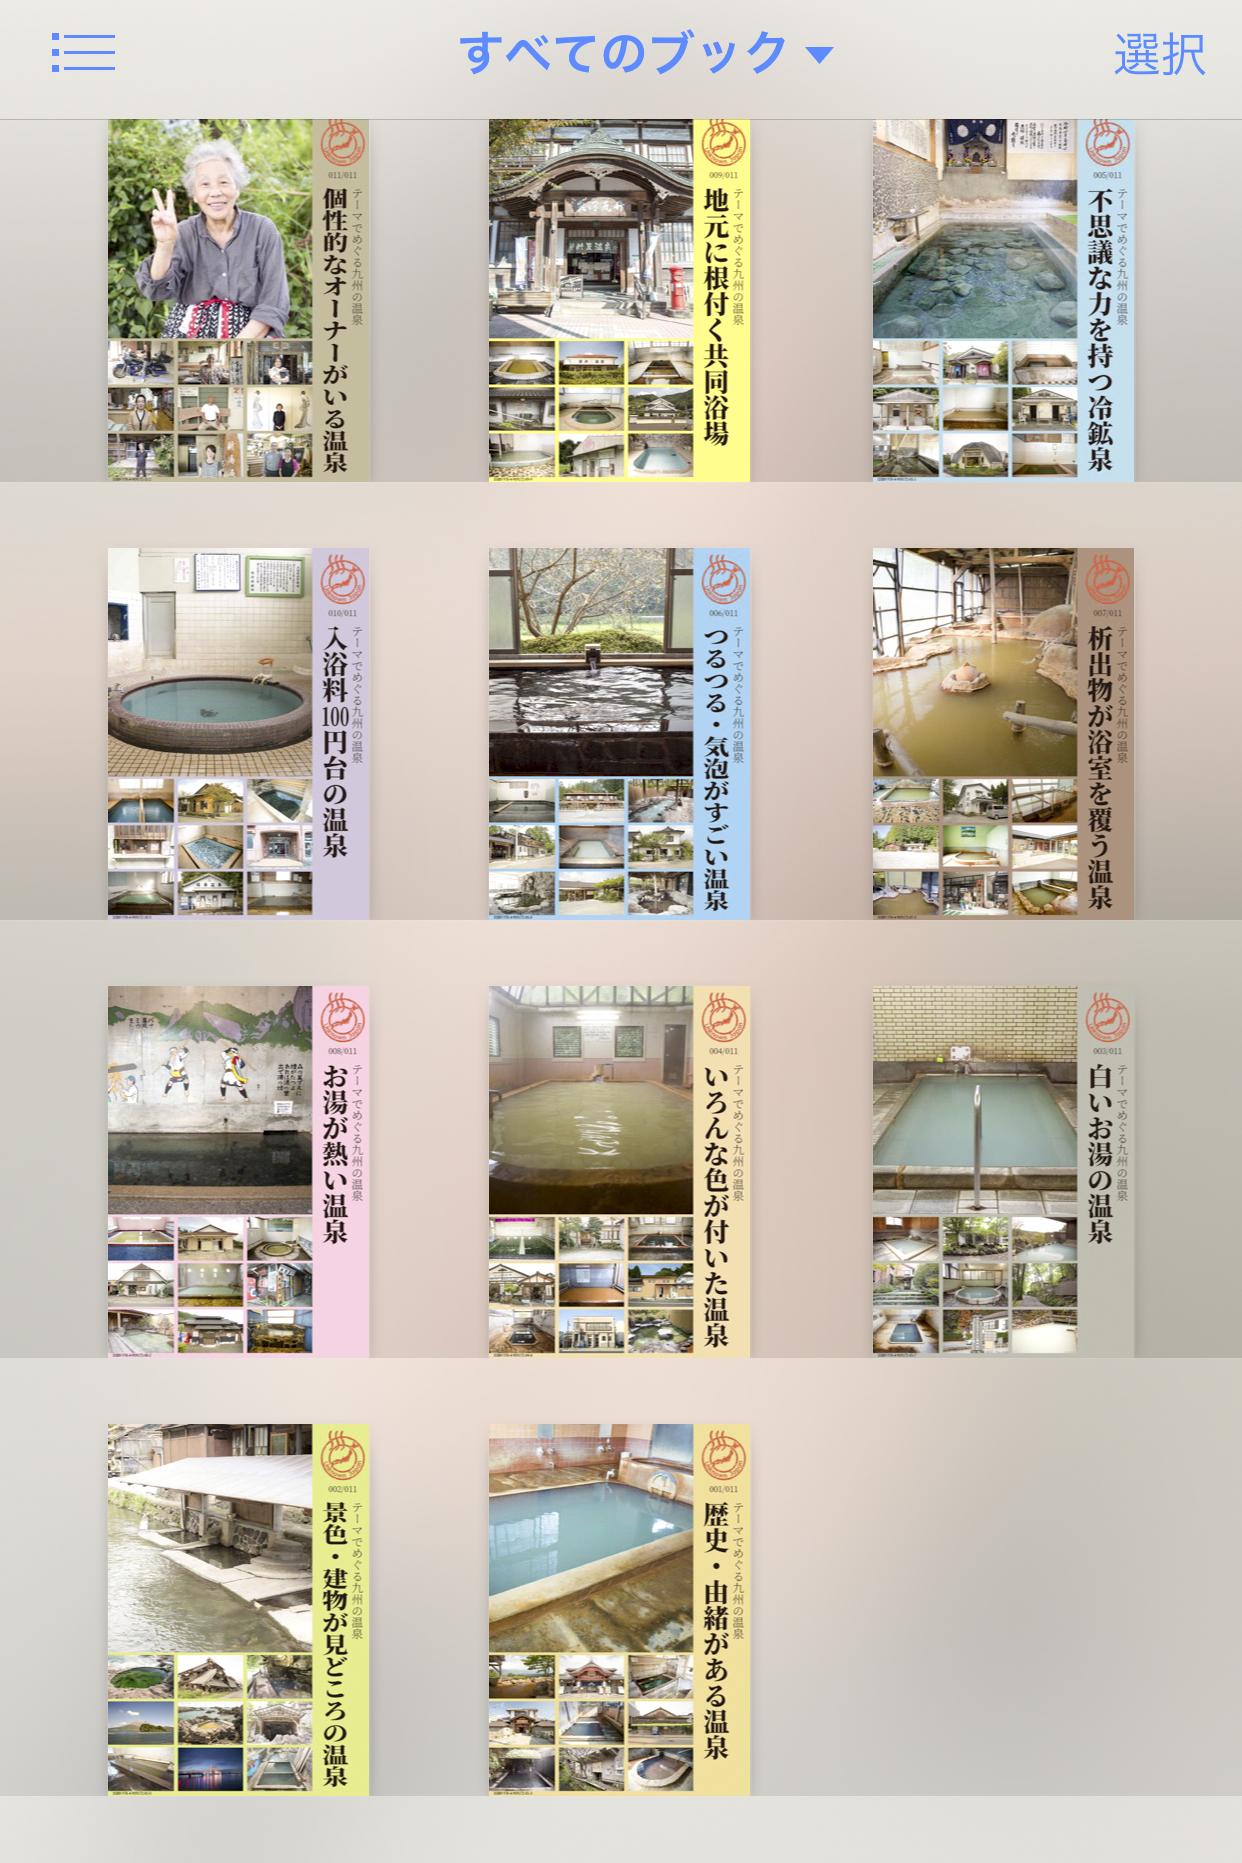 電子書籍「テーマでめぐる九州の温泉 全11テーマ」(まとめて購入すると390円おトク!)  3,900円(税込)